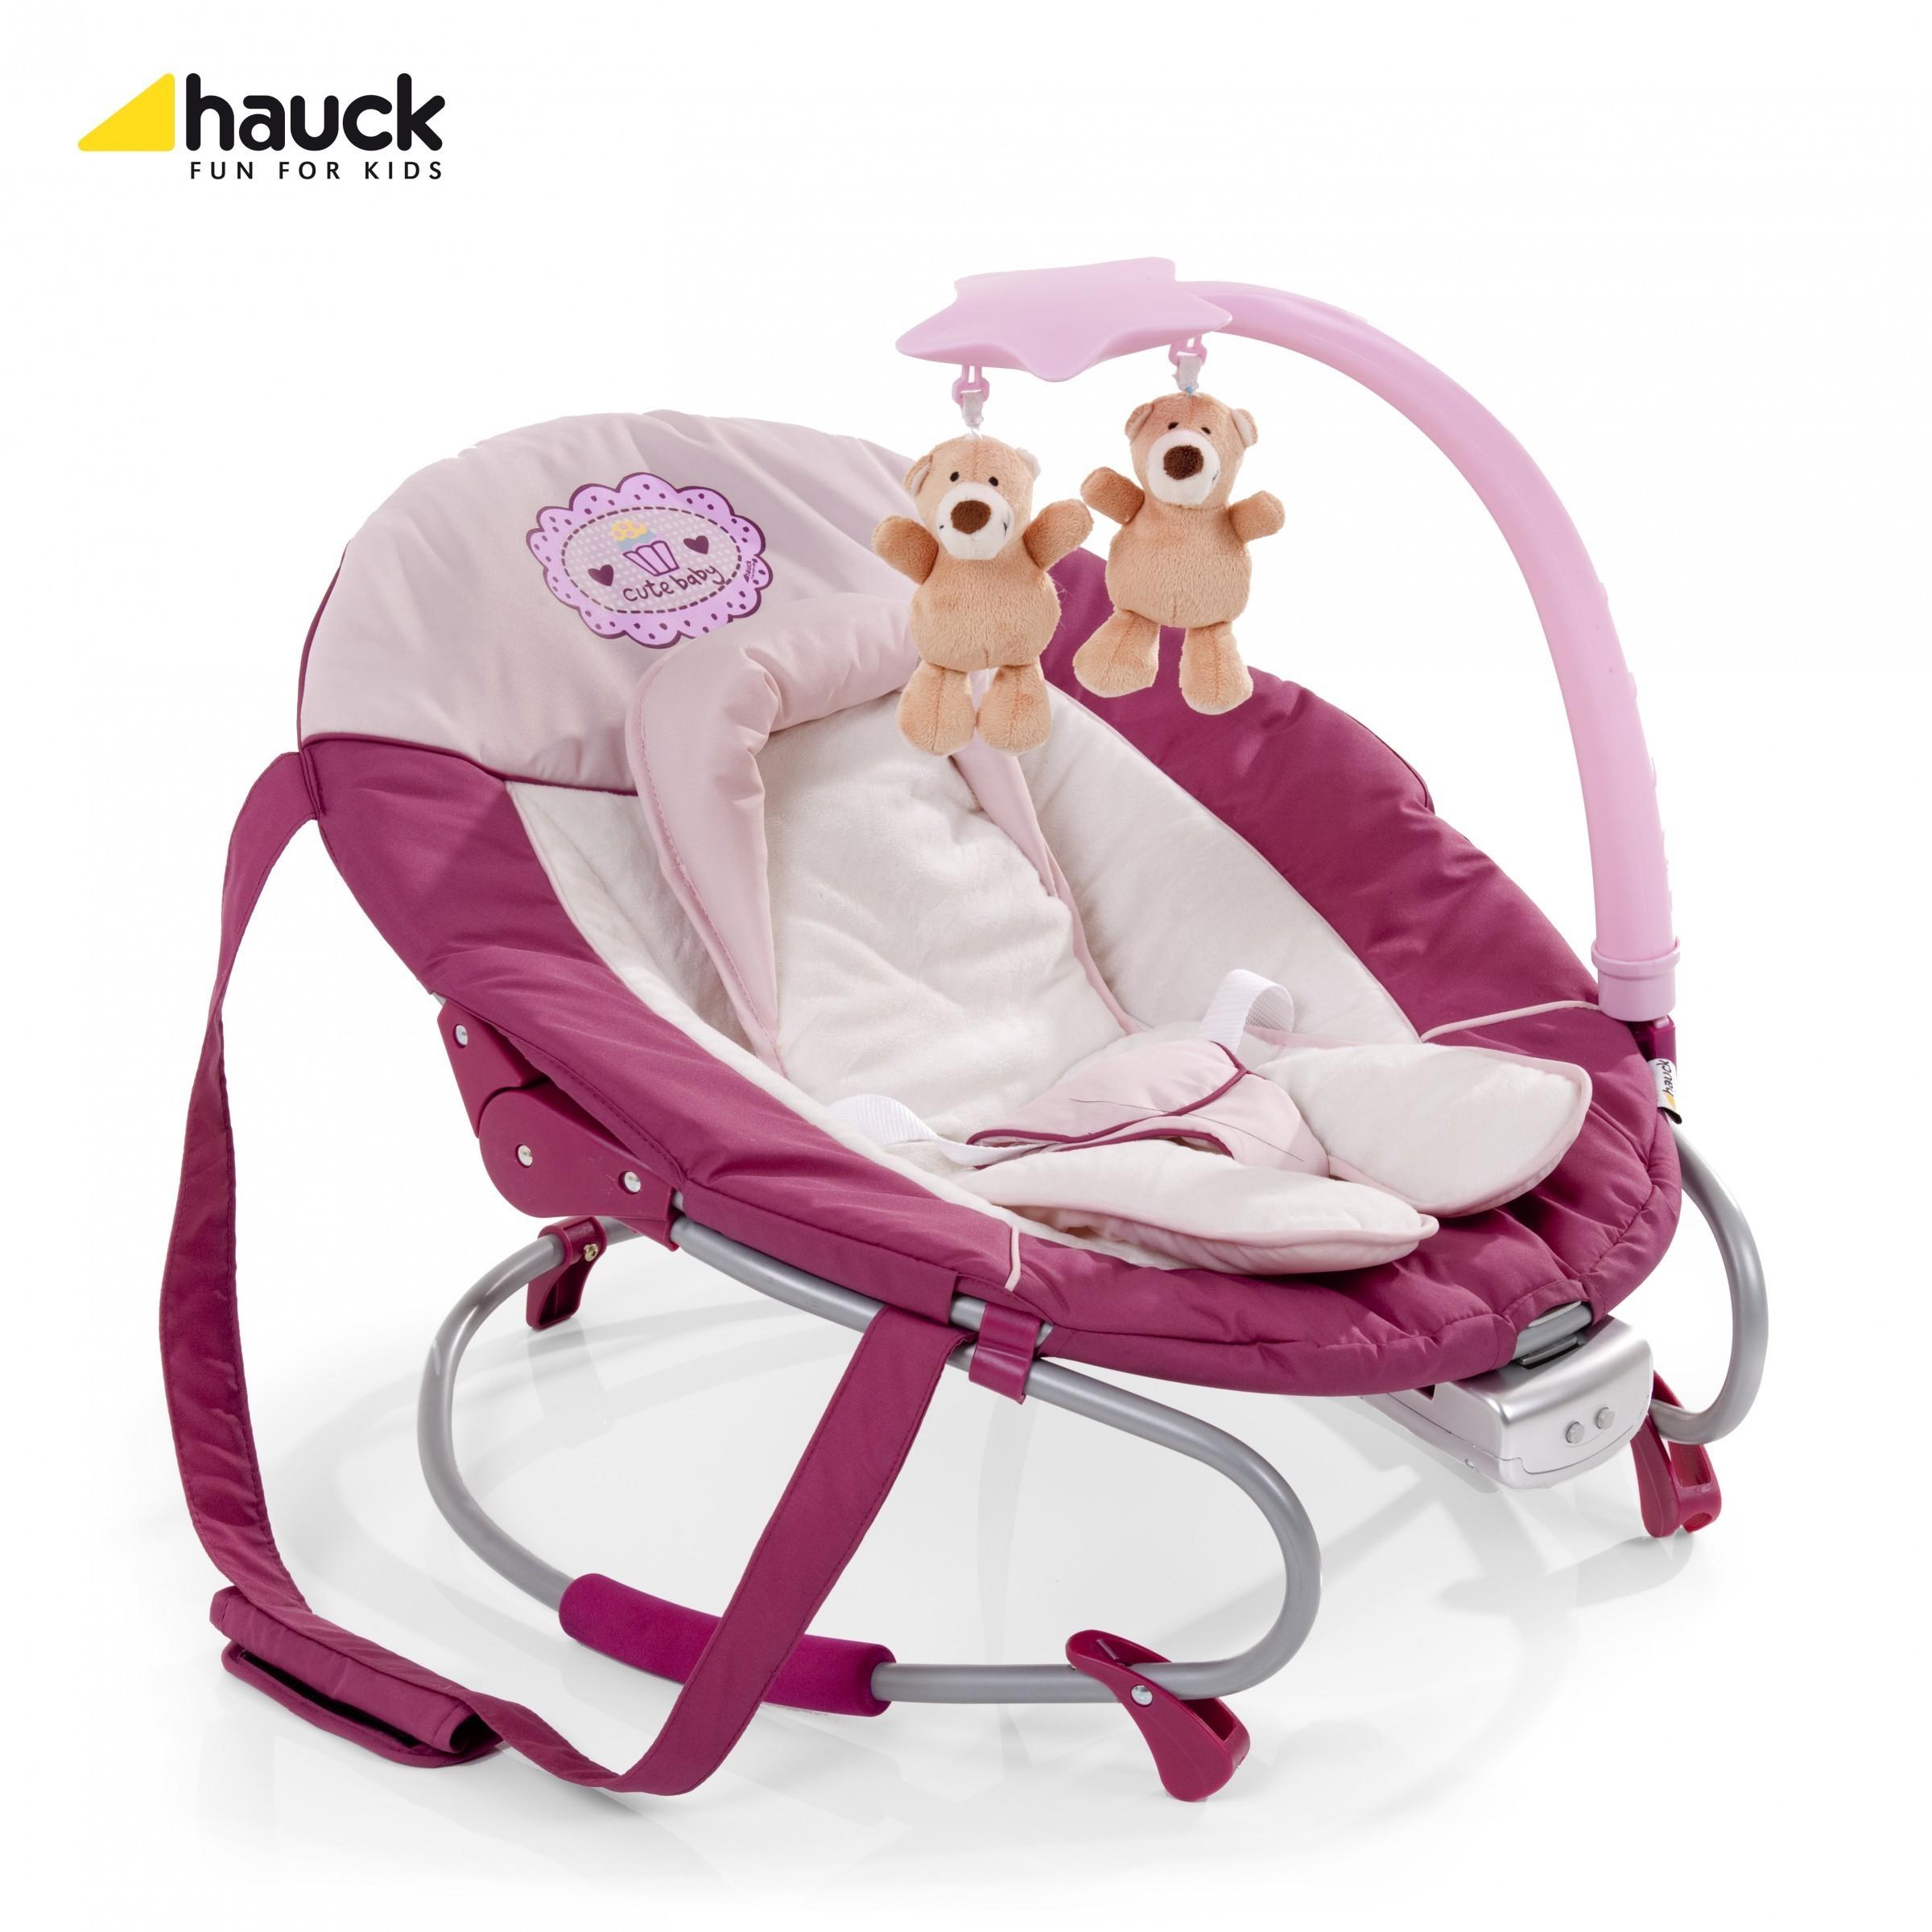 Hauck Wippe Leisure e-motion Cute Baby Ausstellungsstück